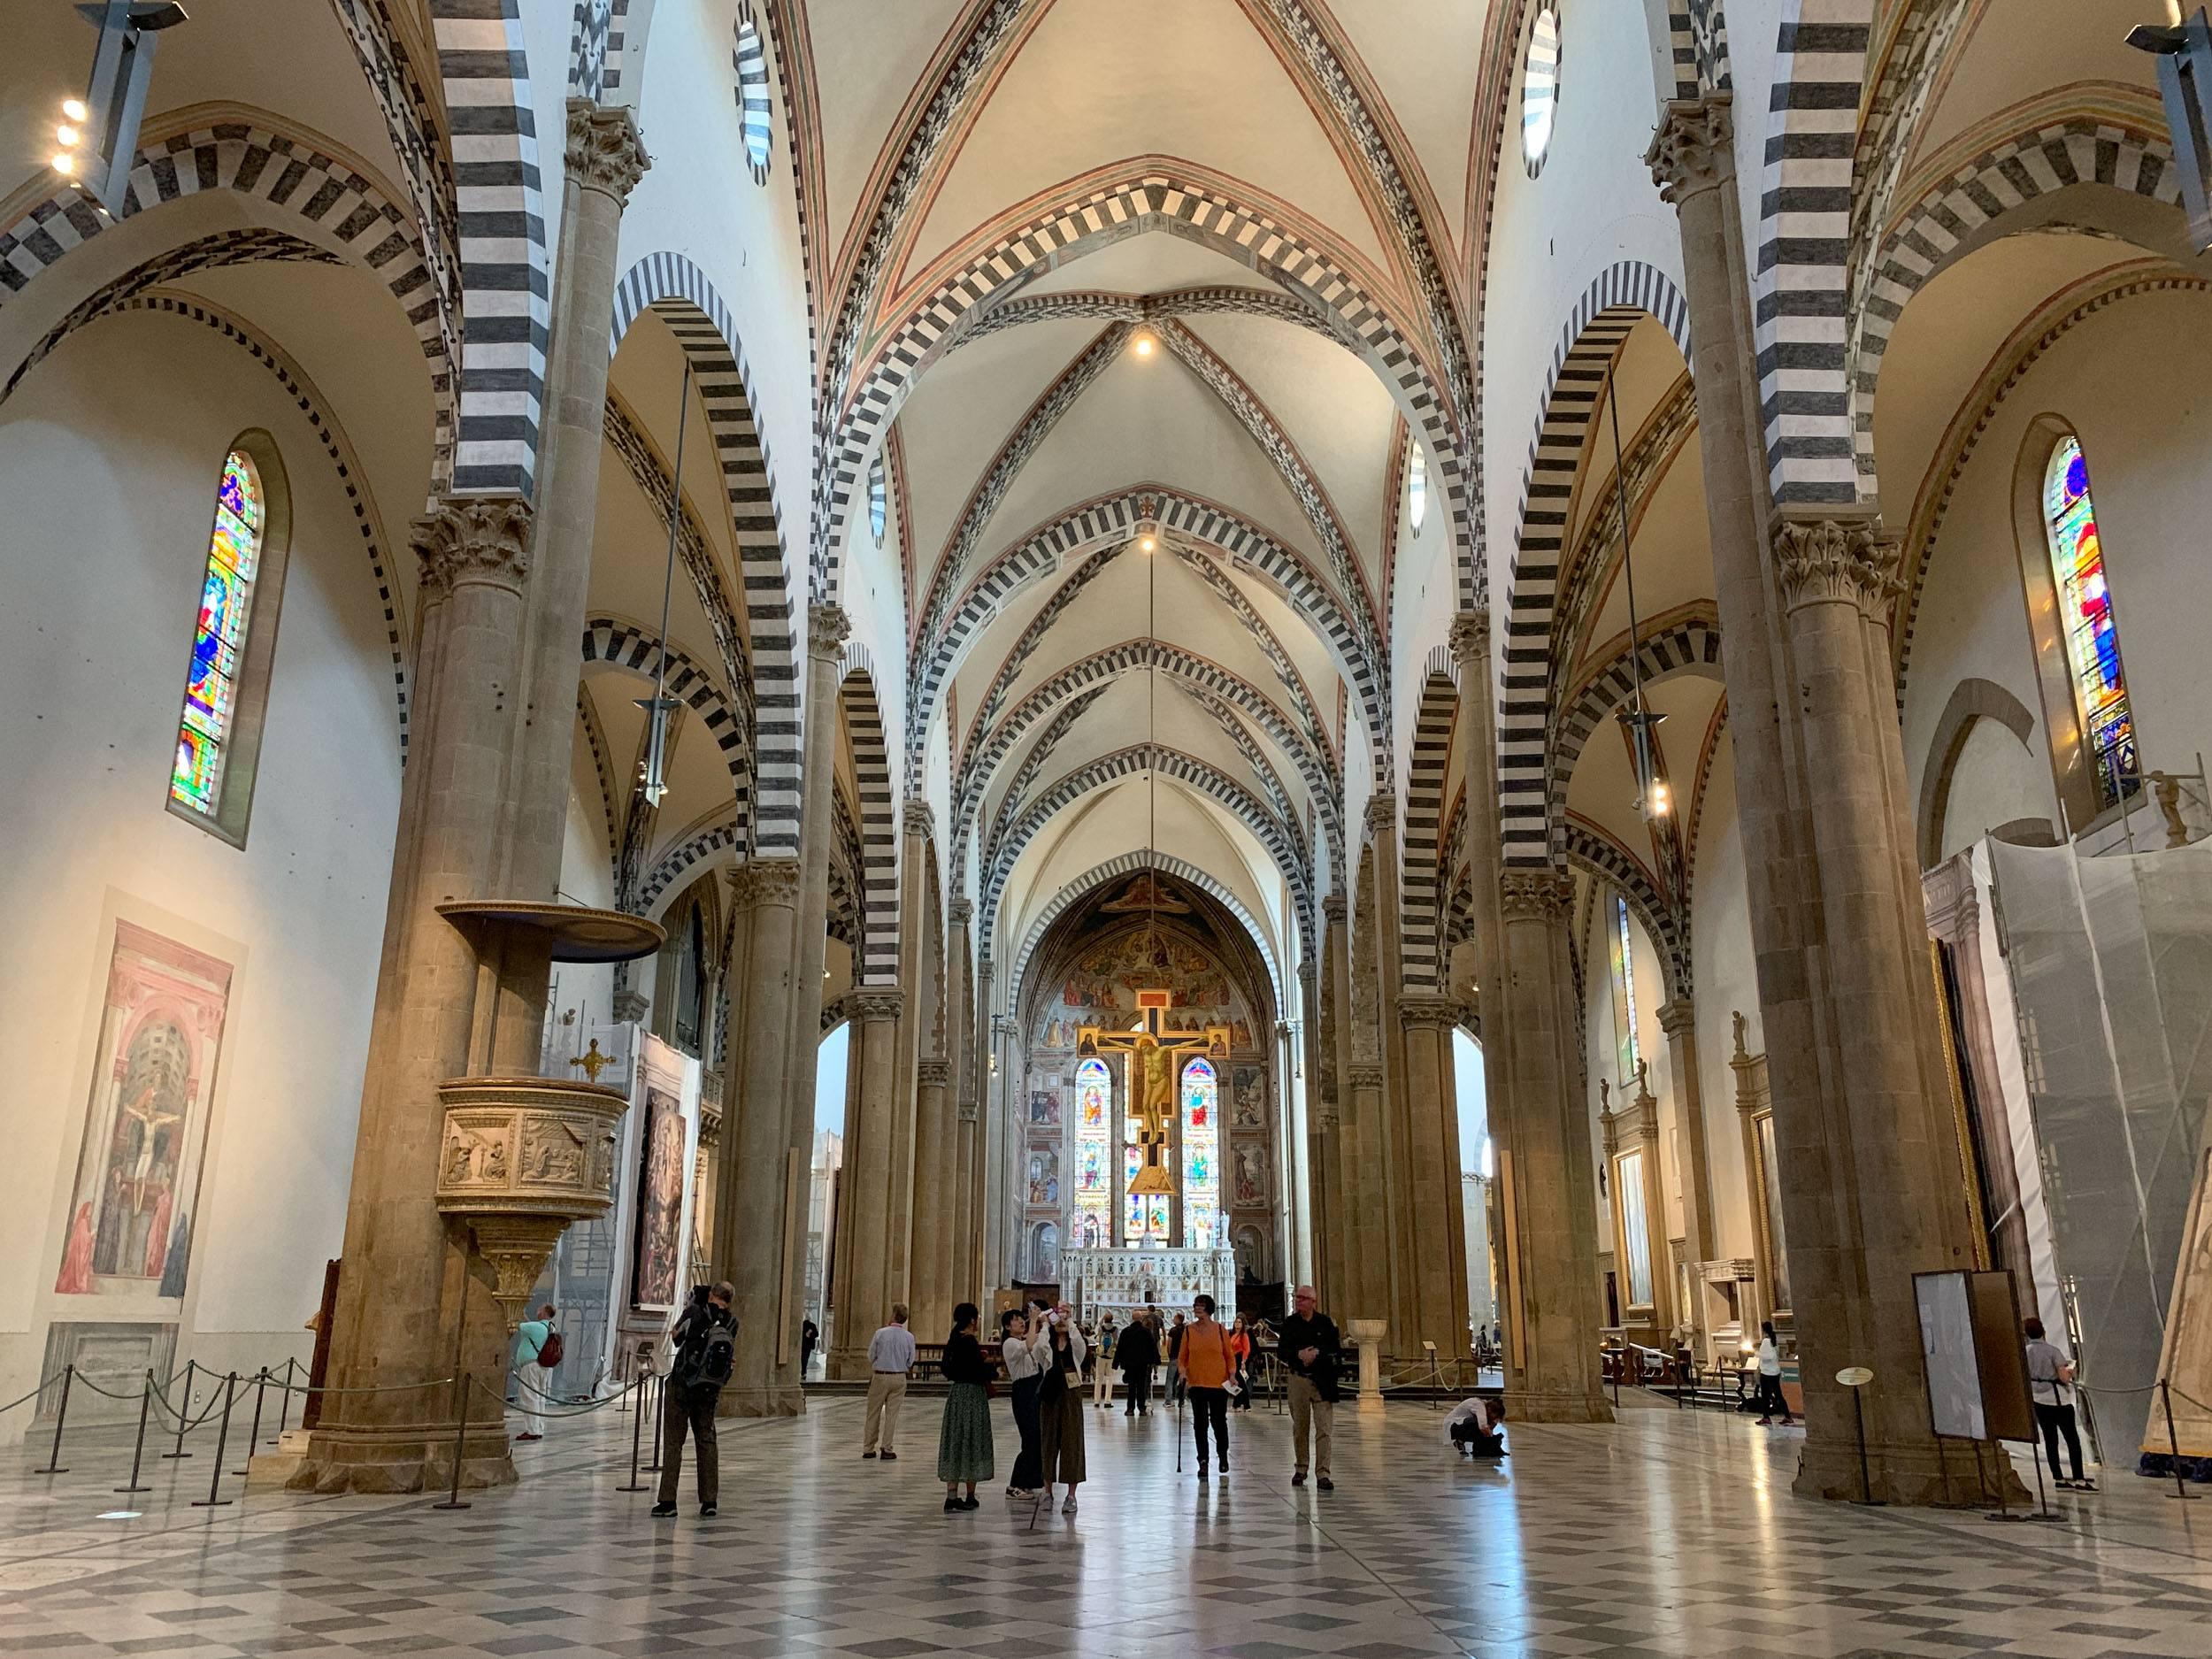 The nave in Santa Maria Novella